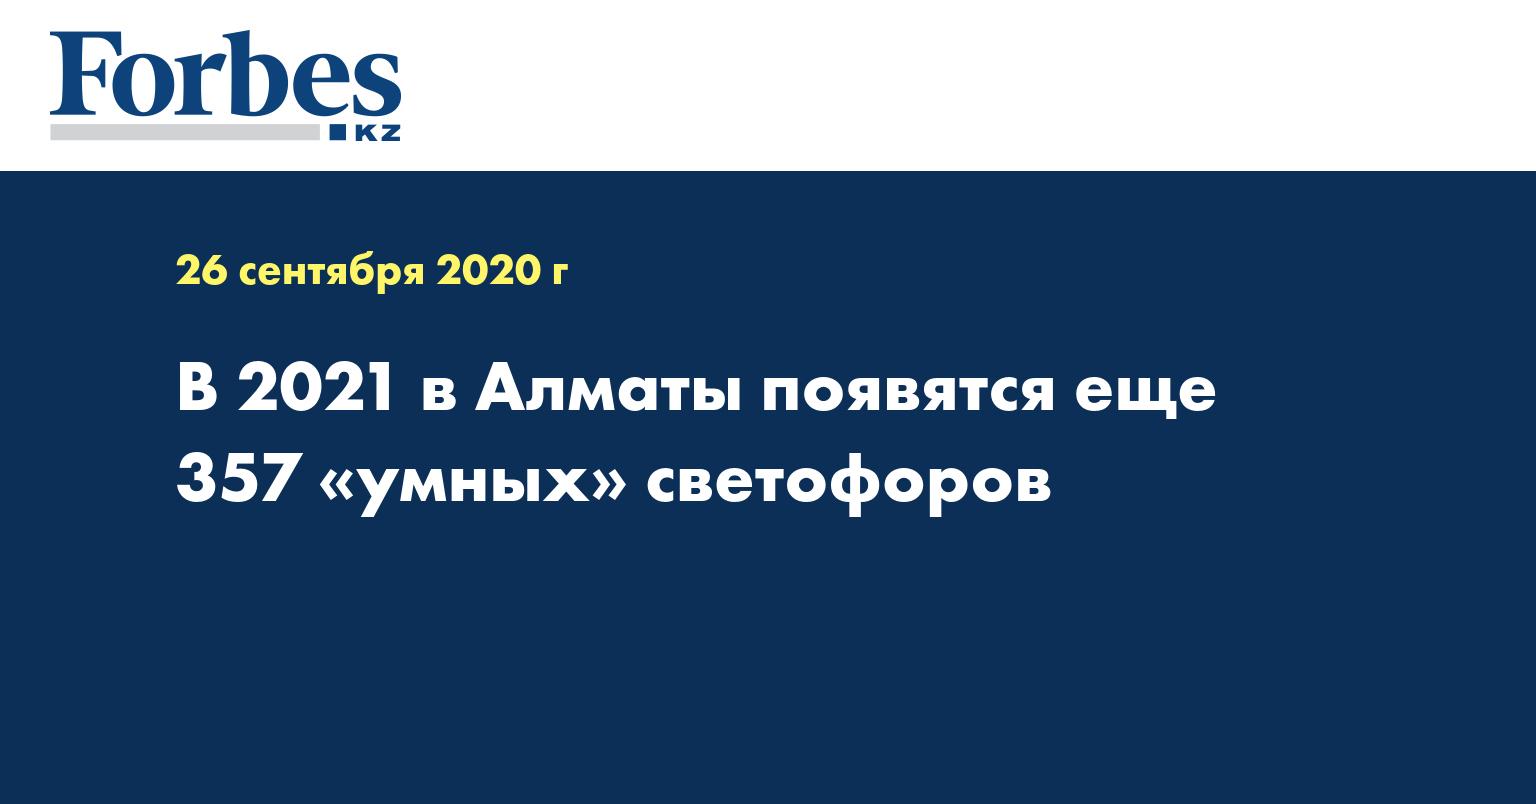 В 2021 в Алматы появятся еще 357 «умных» светофоров